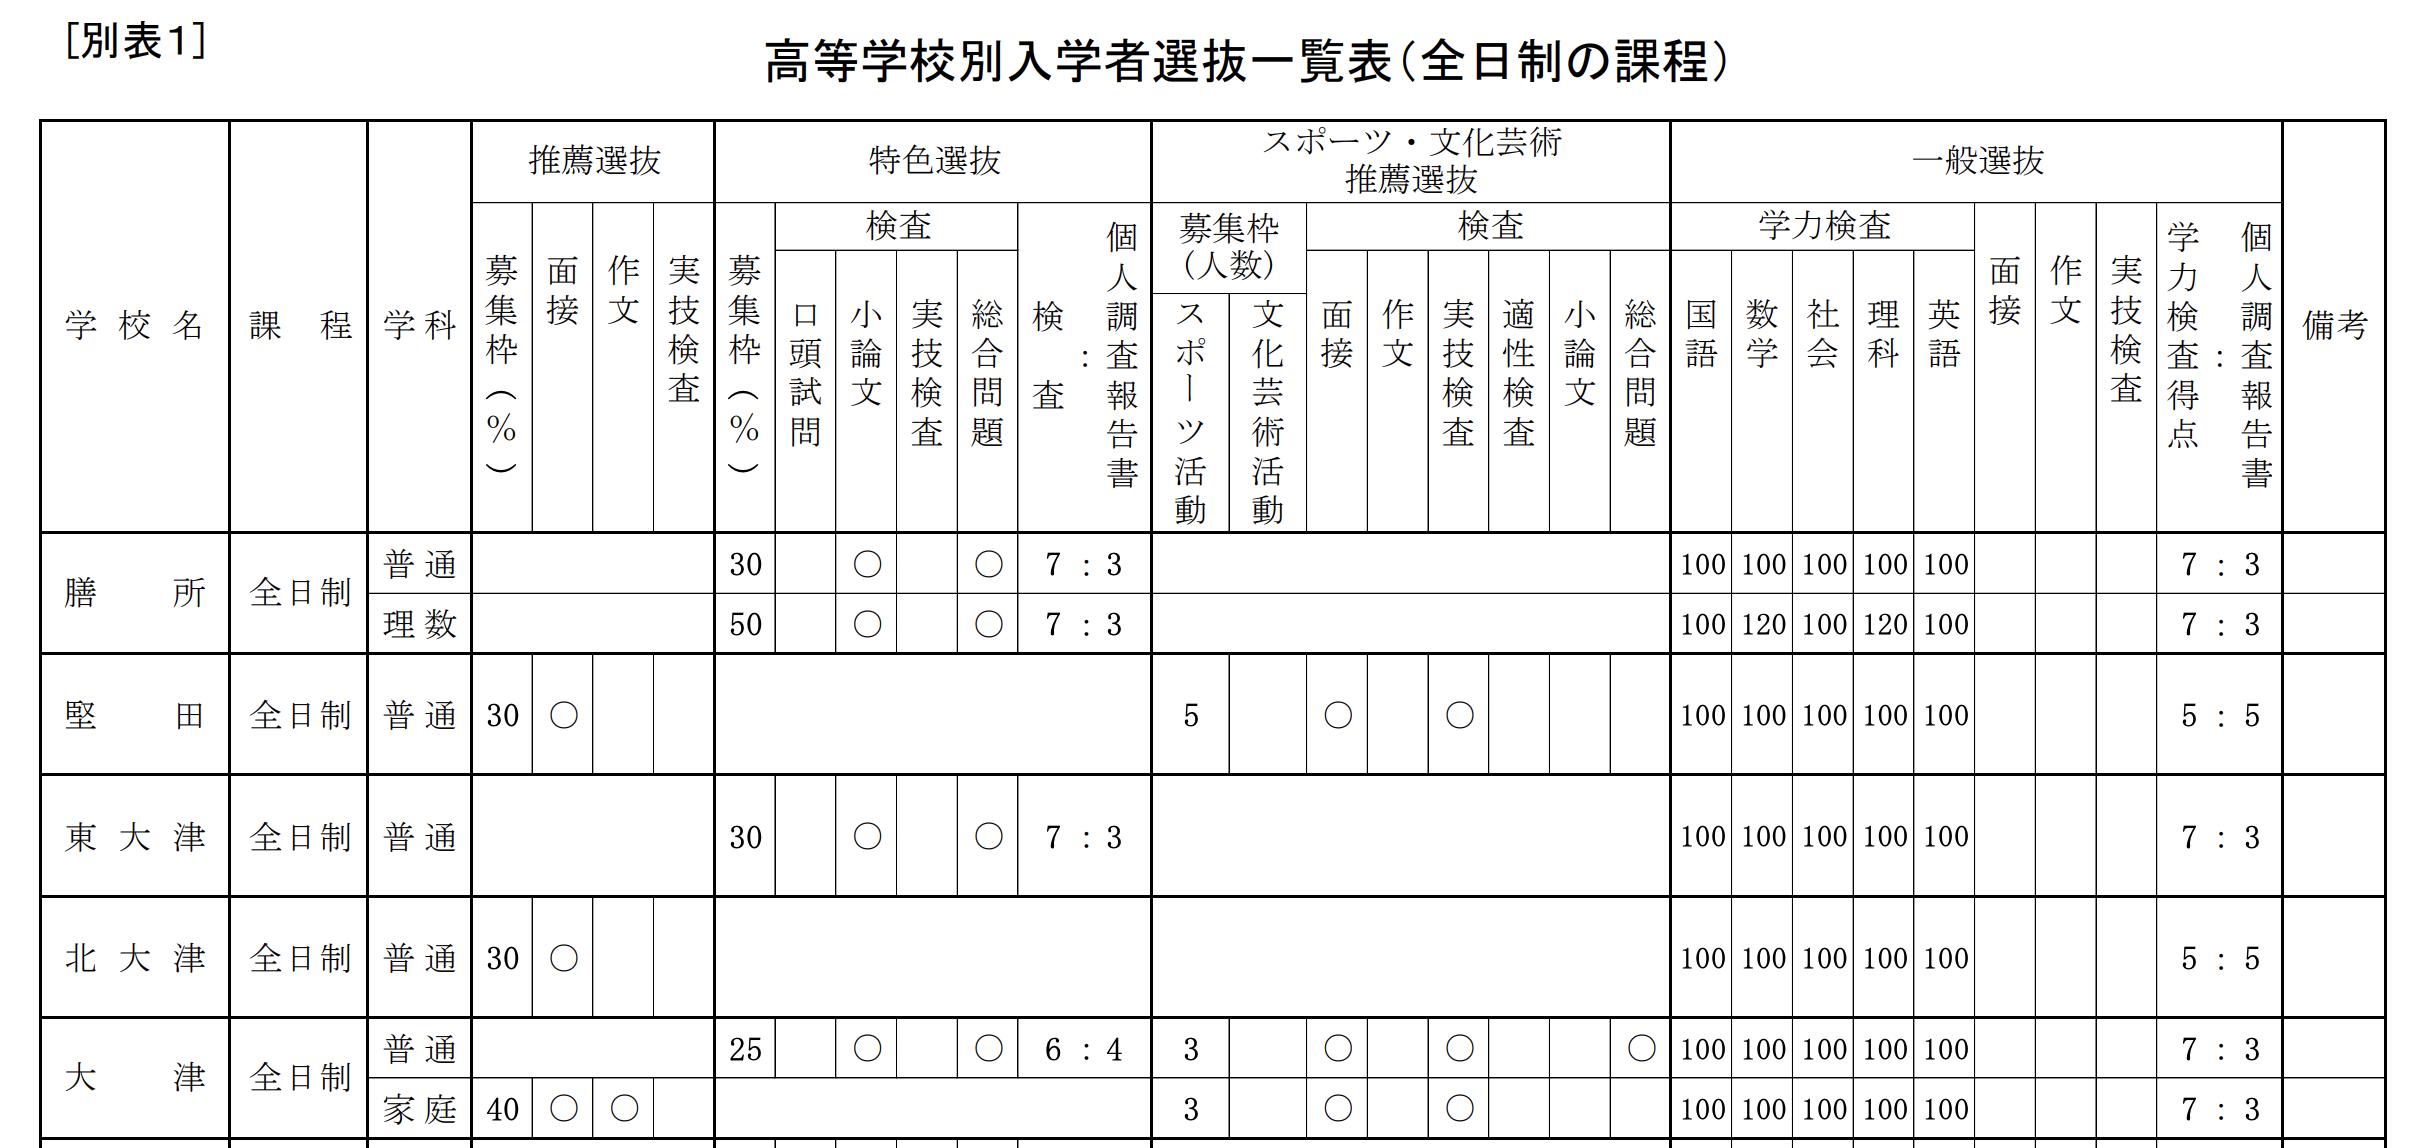 滋賀県公立高校入試制度1